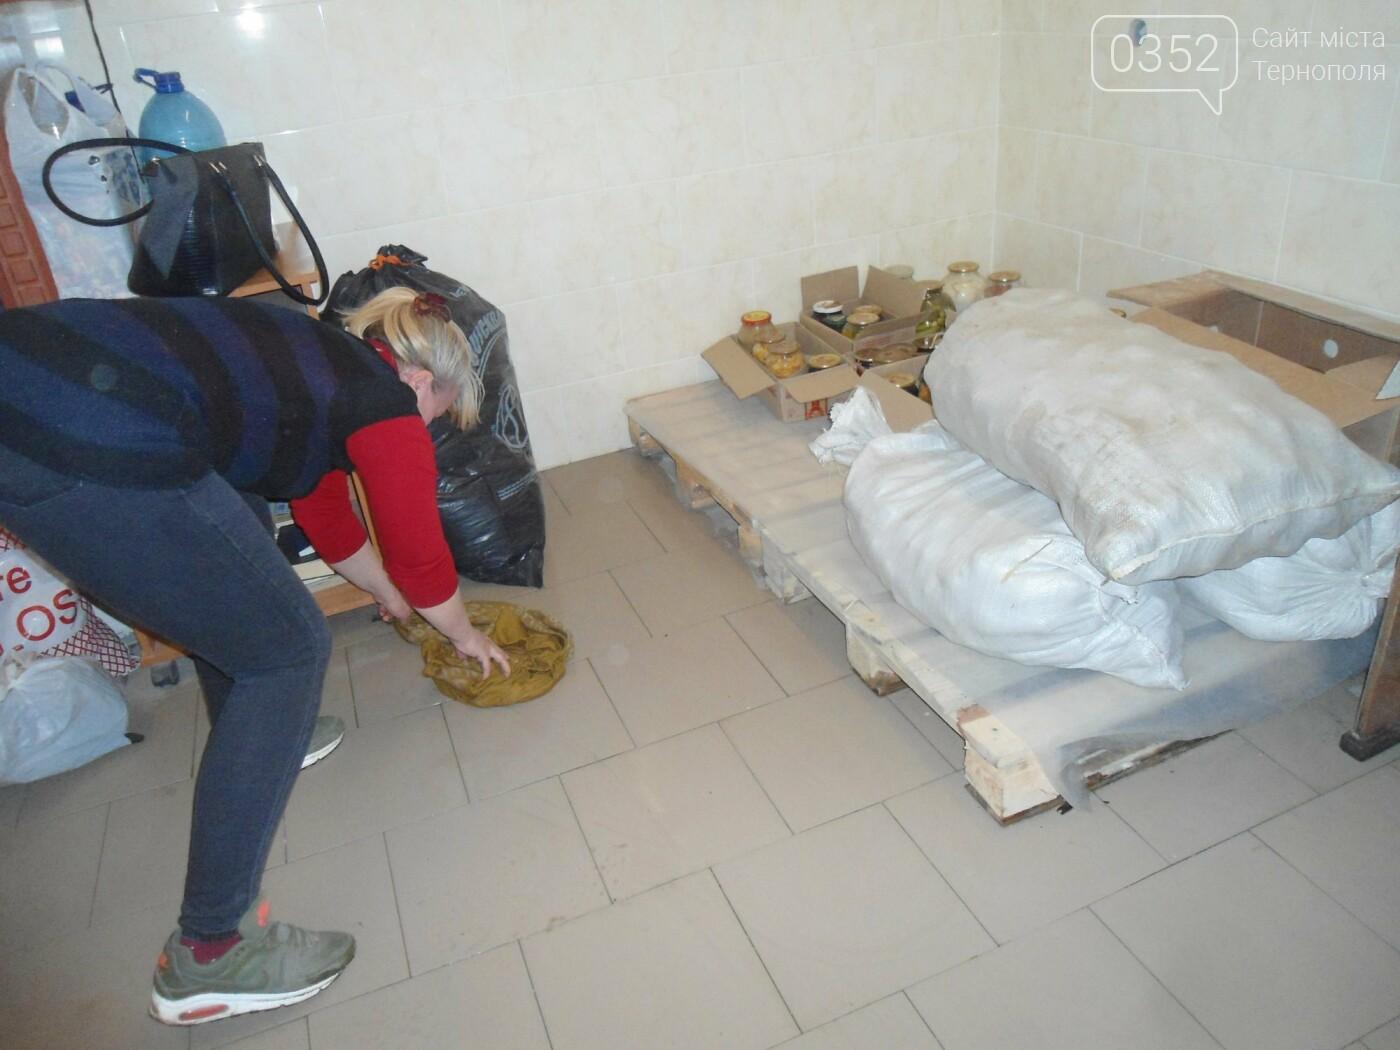 У Тернополі у багатоквартирному будинку постійно прориває каналізацію, затоплюючи підвальні приміщення благодійних організацій (ФОТО, ВІДЕО), фото-5